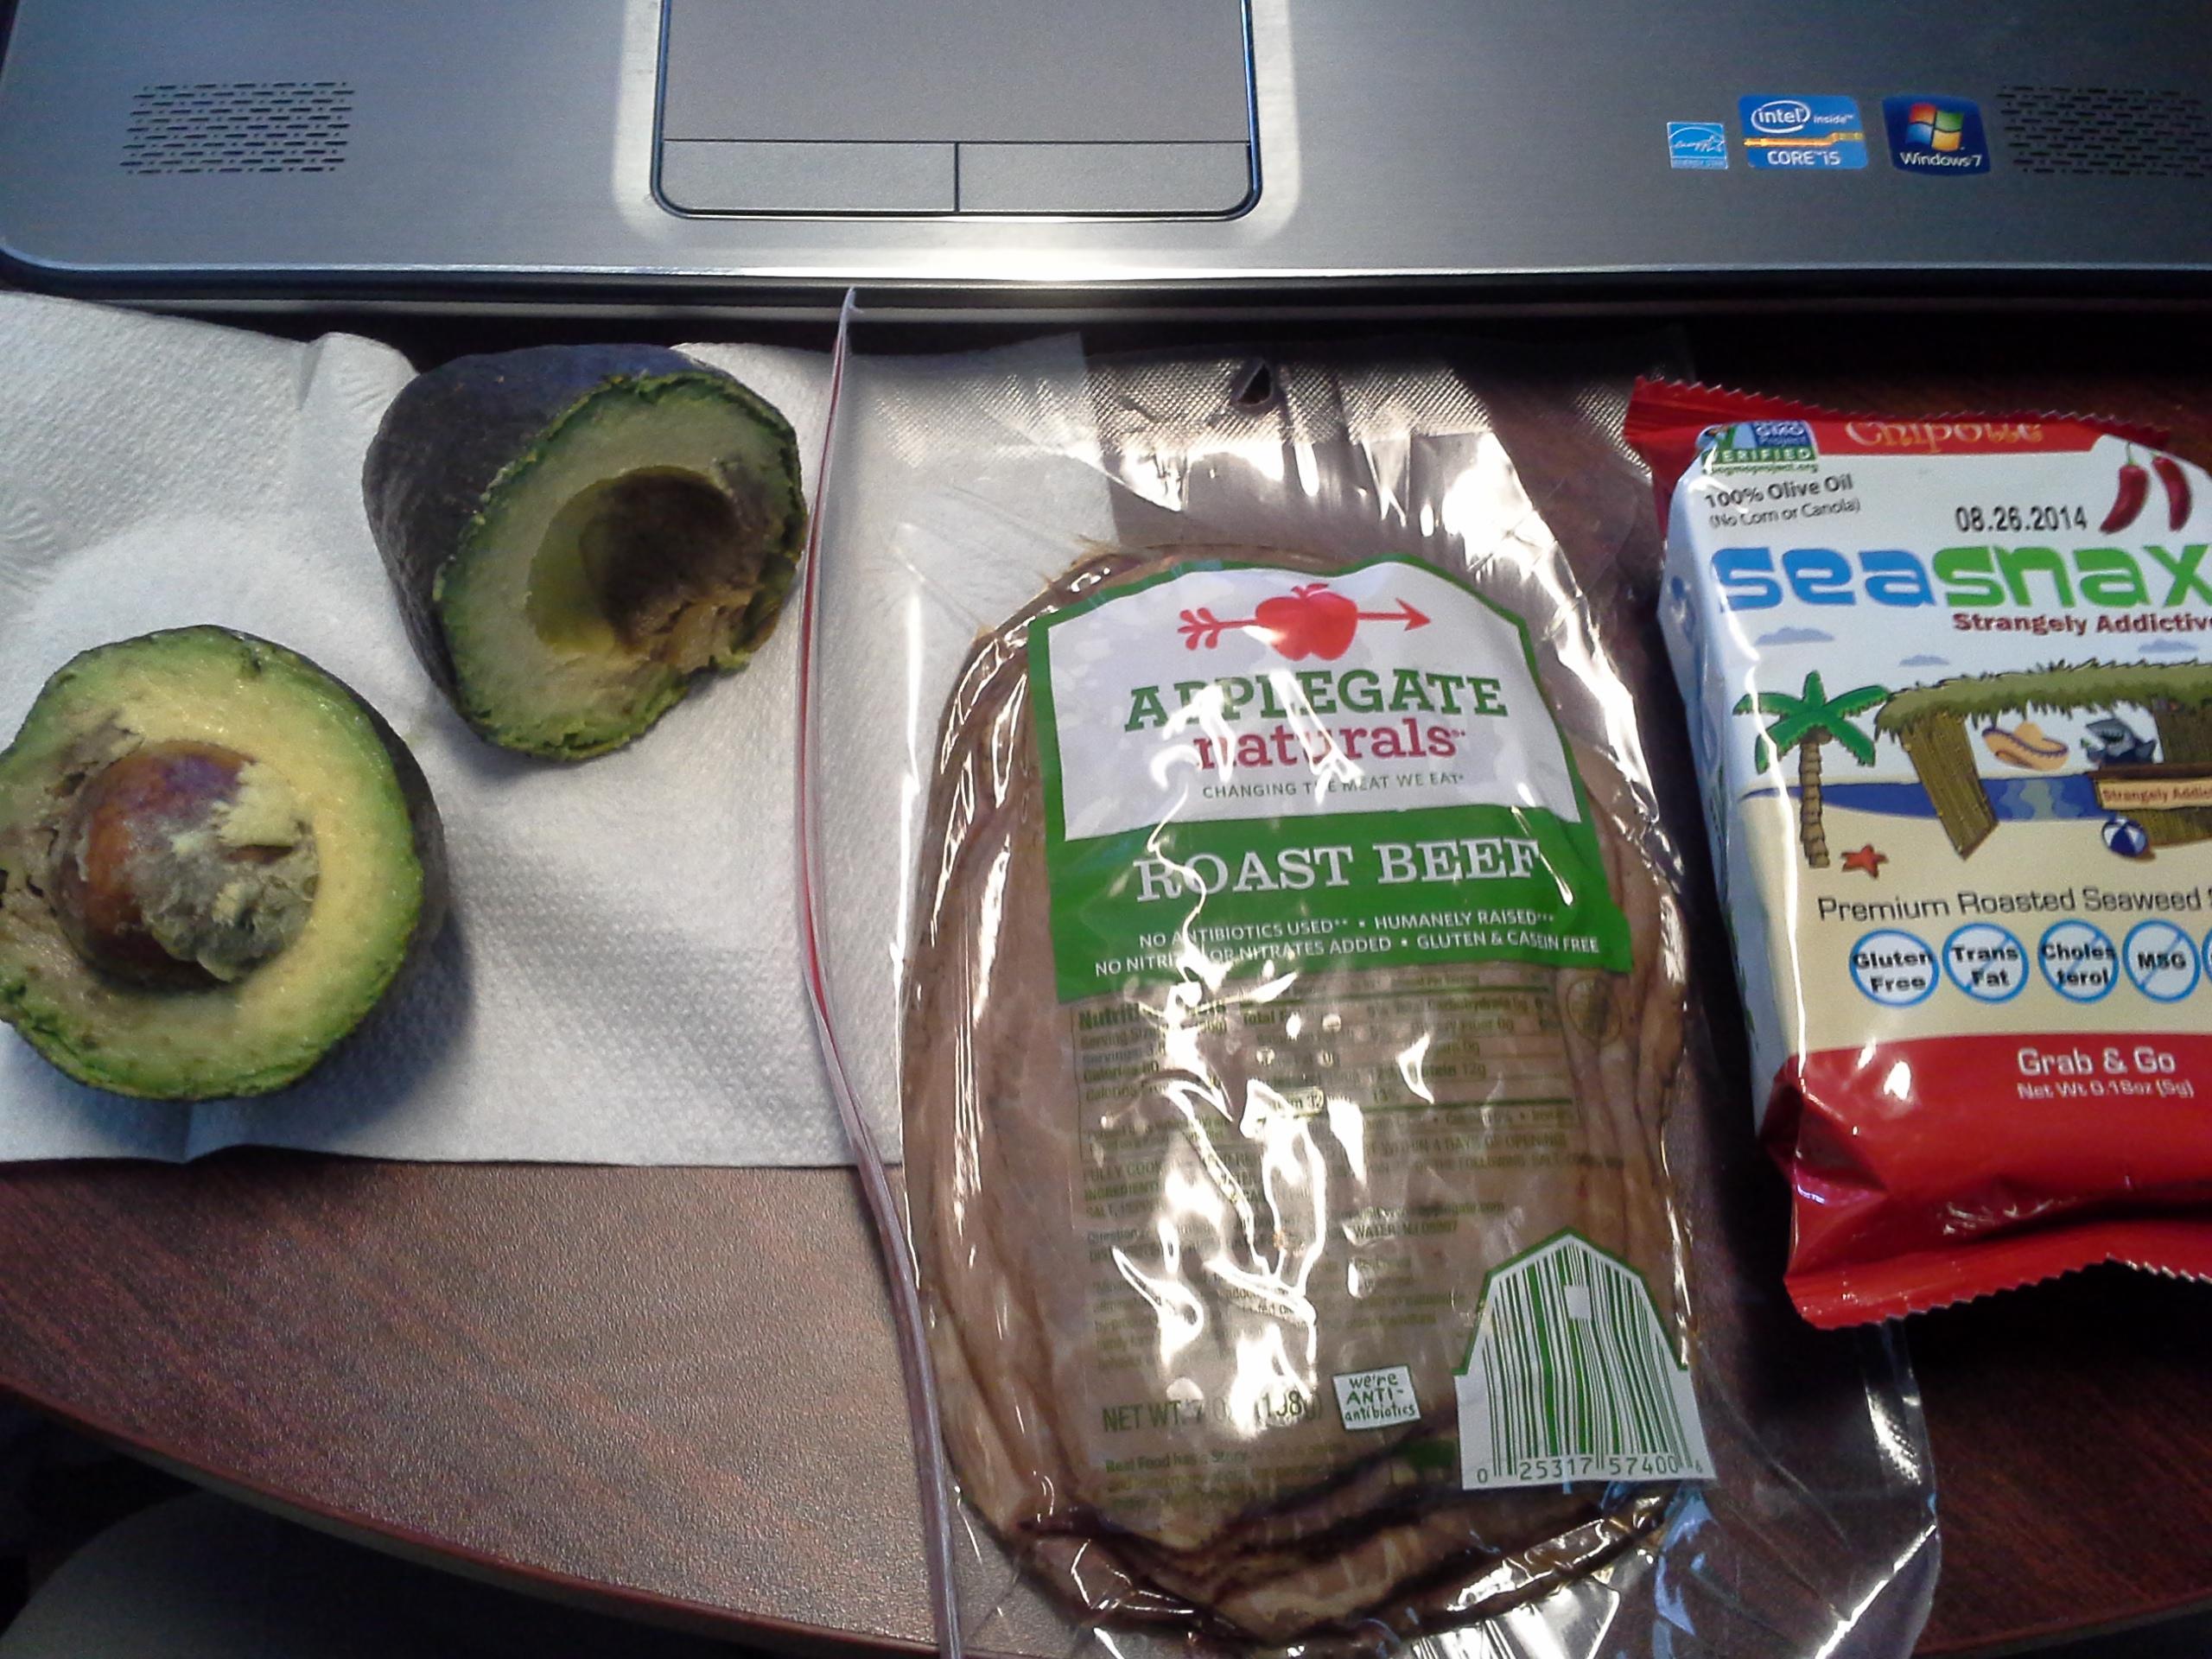 Lunch: 1:35 p.m. | 7 oz. roast beef, 1 avocado, .18 oz. chipotle SeaSnax seaweed, 5,000 IU Vitamin D capsule, Calcium/Magnesium/Zinc caplet